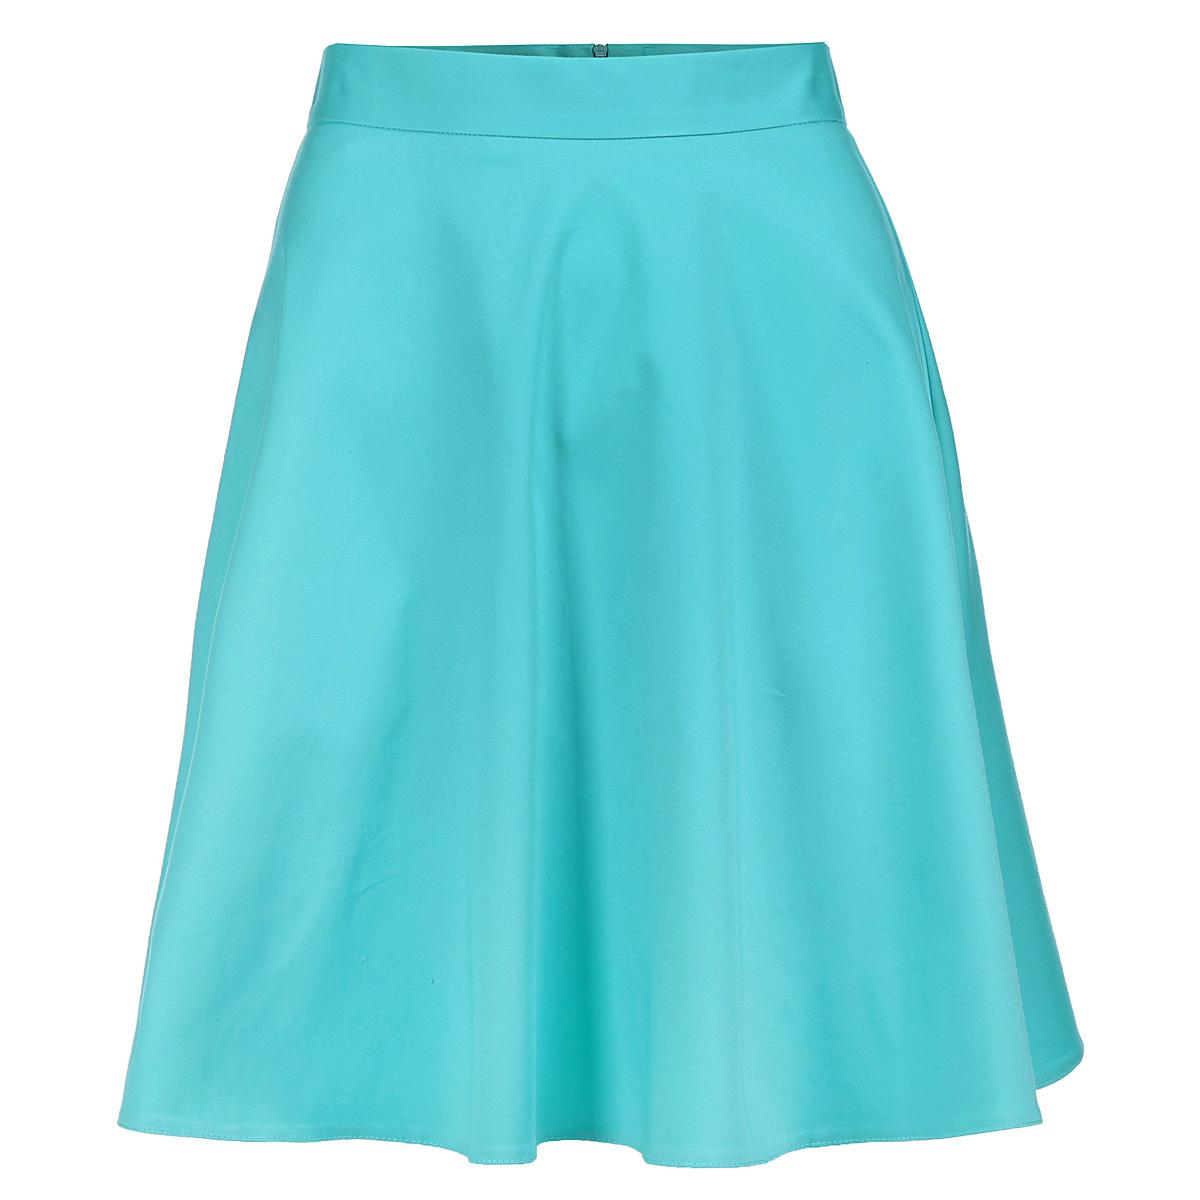 6717803 minЭлегантная юбка Yarmina изготовлена из мягкого хлопка с добавлением эластана. Модель средней длины на пришивном поясе застегивается на потайную застежку-молнию сзади. Классическая расклешенная юбка - актуальная и модная вещь женского гардероба. Она будет прекрасно смотреться с любыми топами и блузками. Эта стильная и в то же время комфортная юбка - отличный вариант на каждый день.